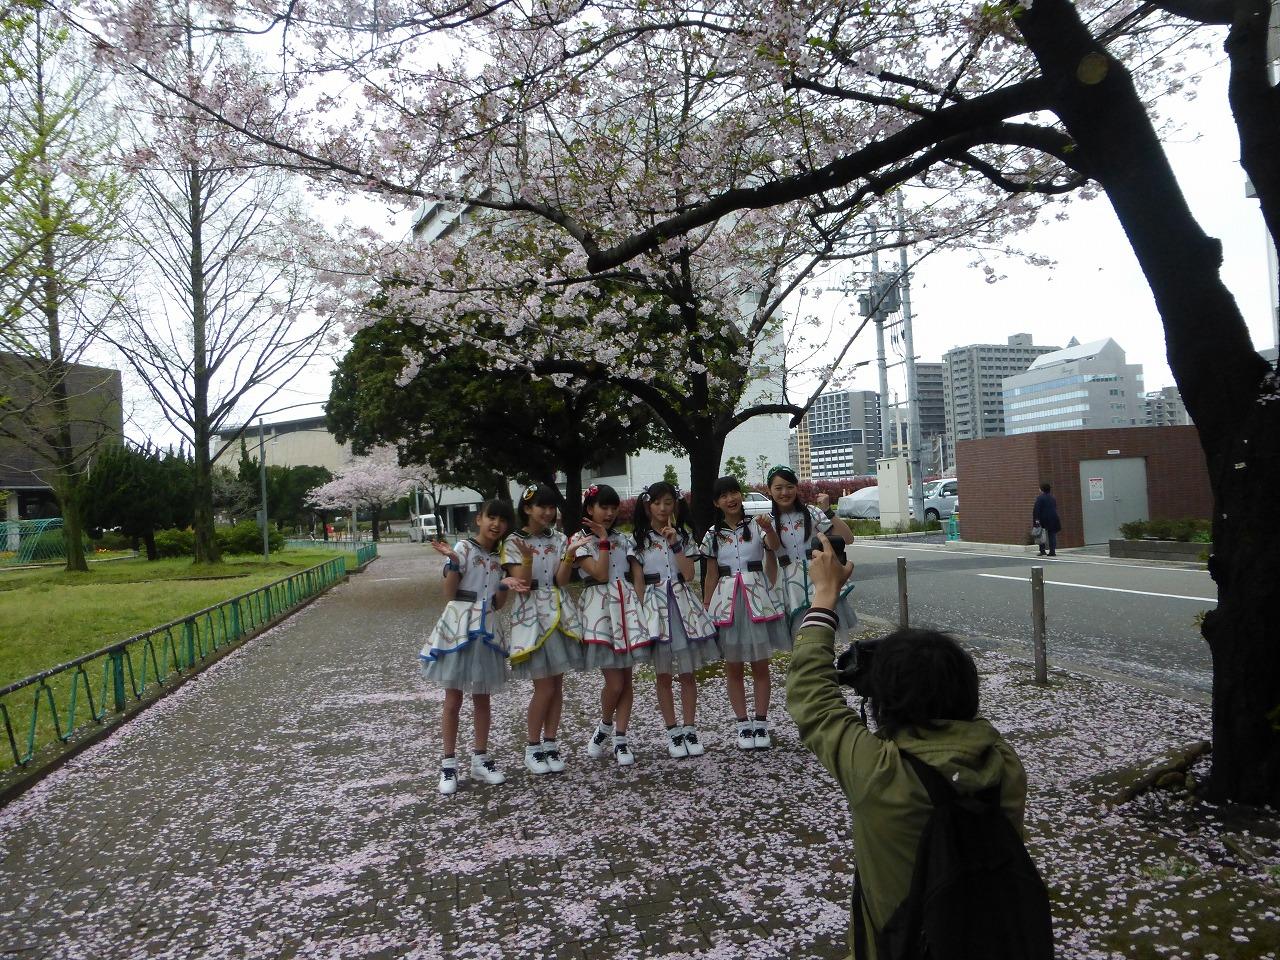 今年の桜は強風の日が多くてあっという間に散っちゃいましたね。(ばってん少女隊)